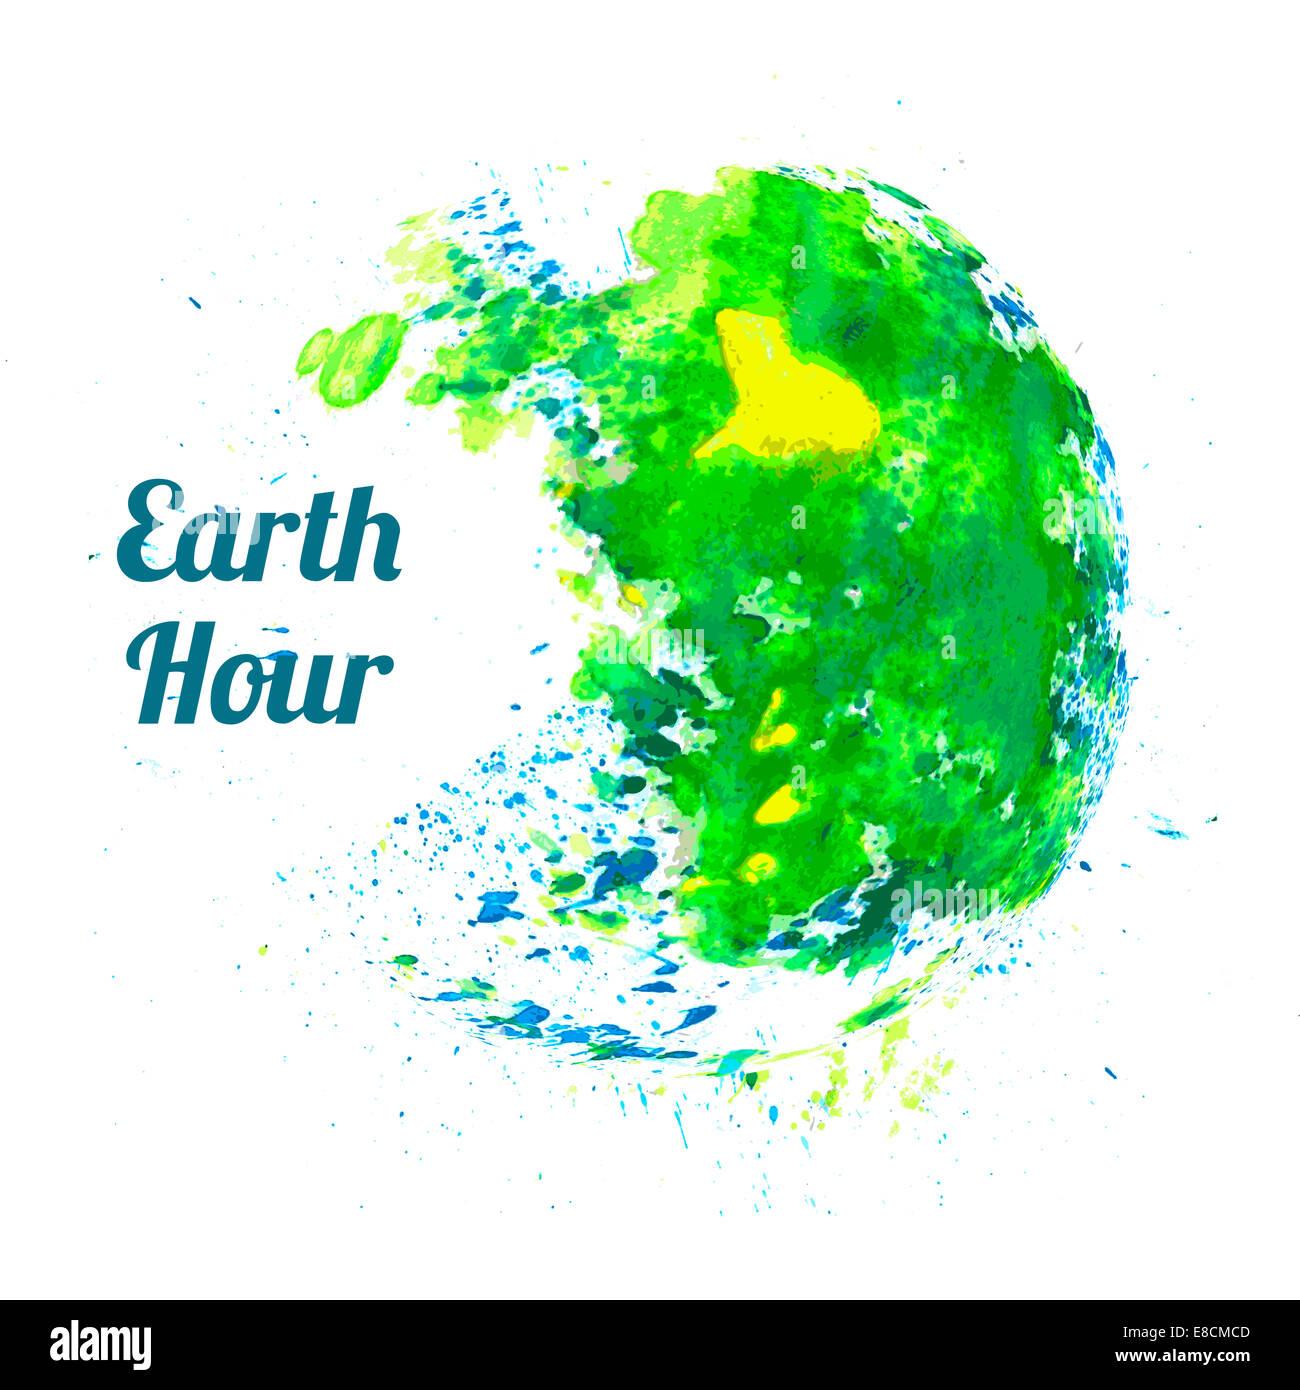 Illustration für Earth Hour Stockbild